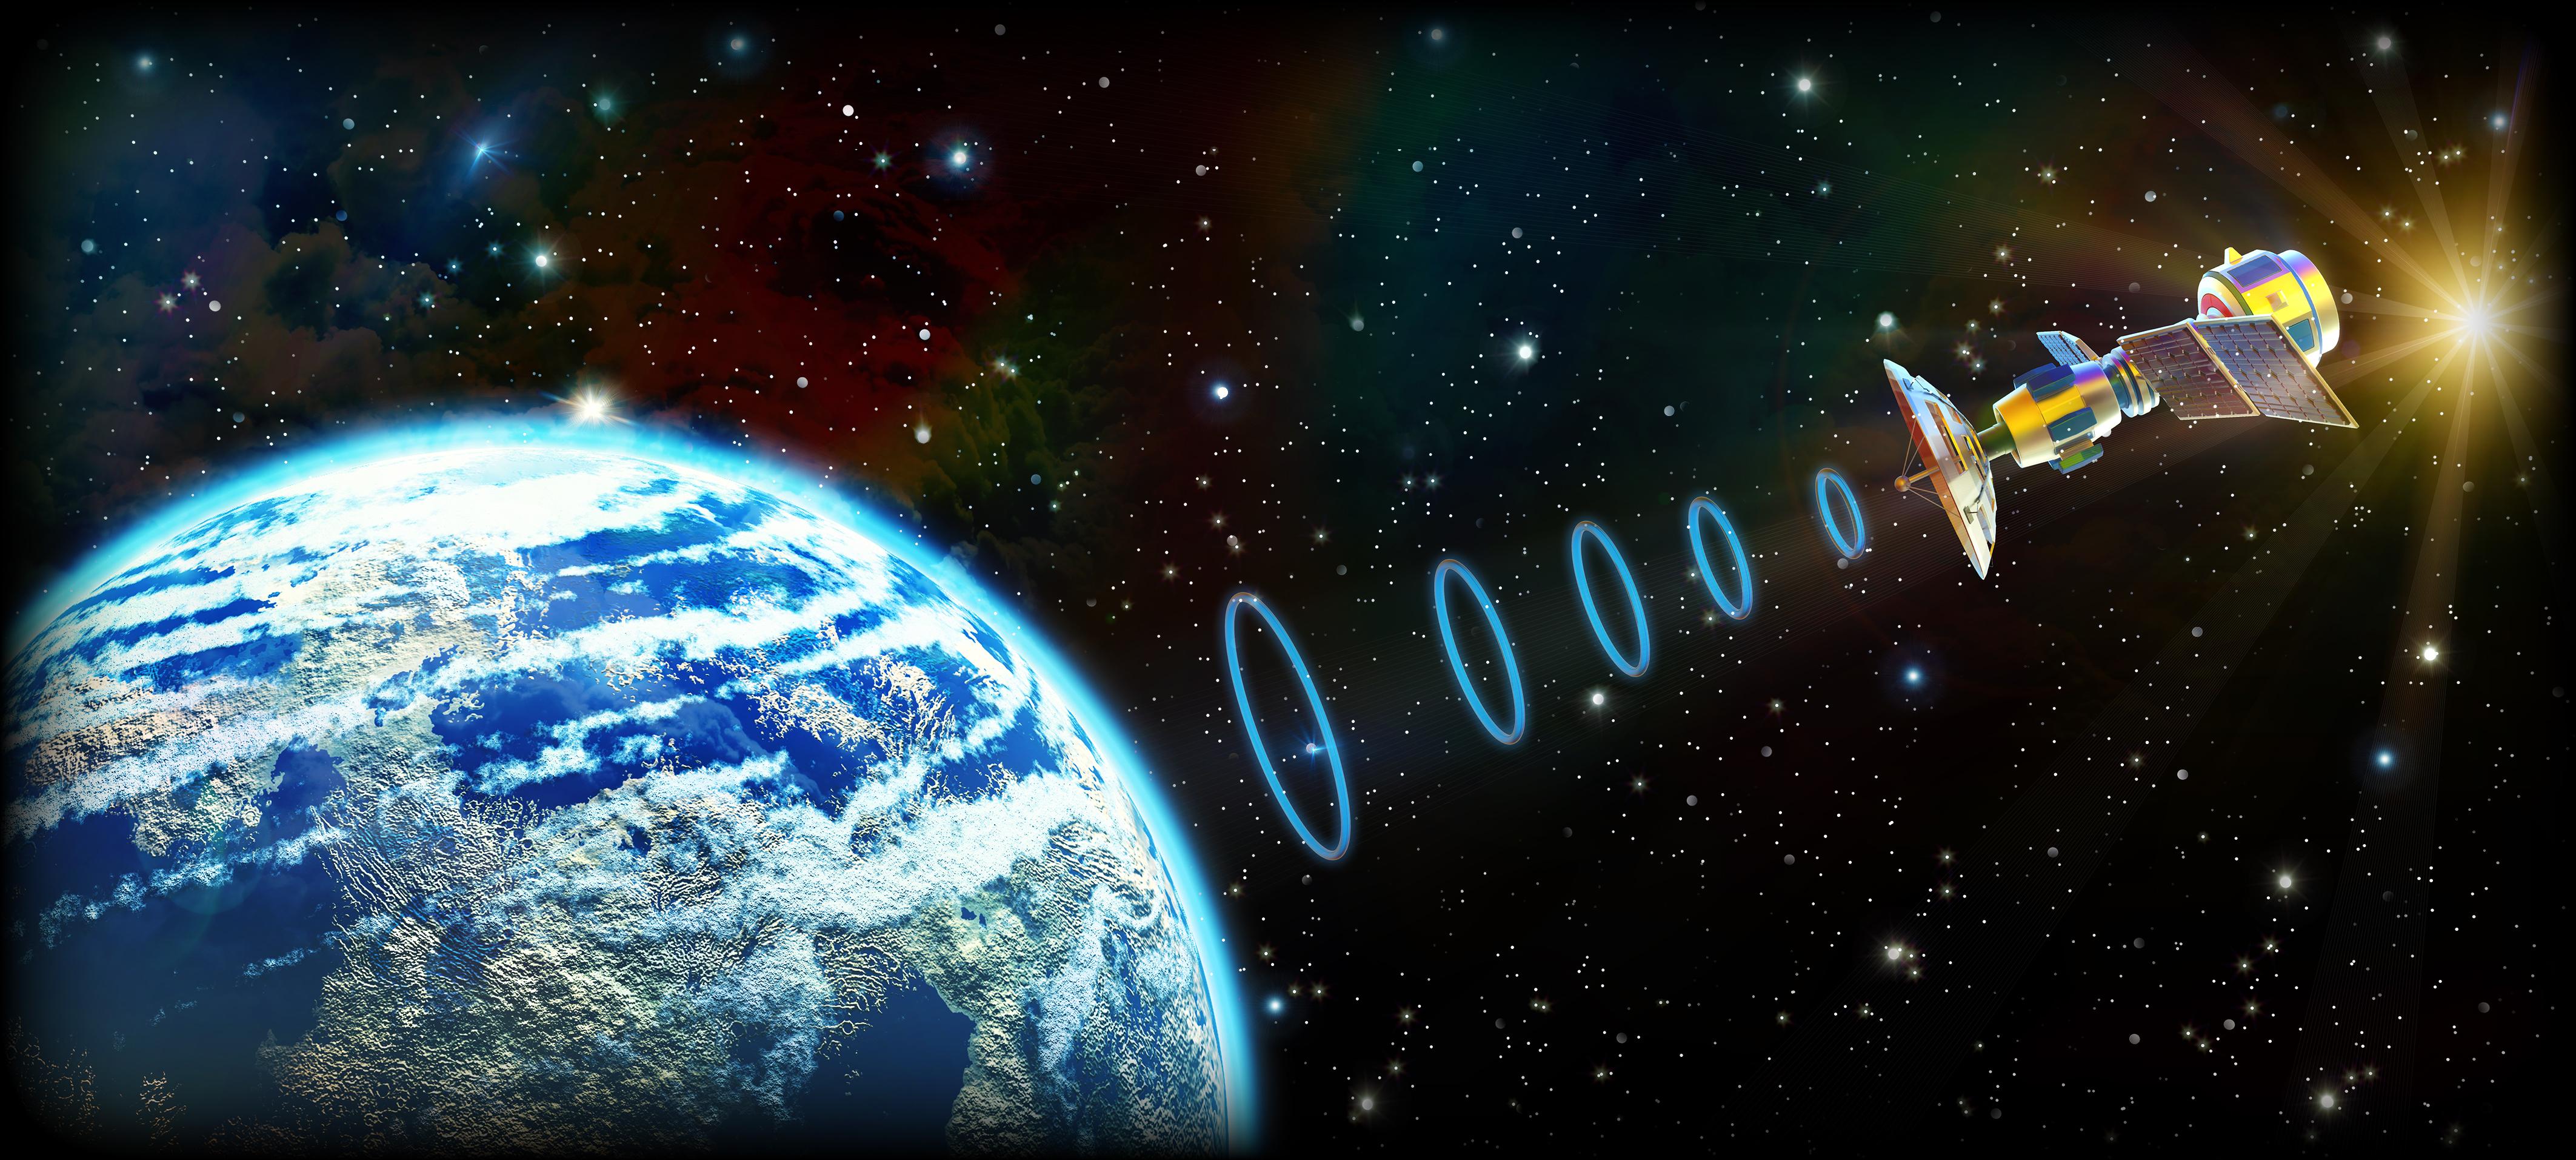 Satellite transmitting to Earth